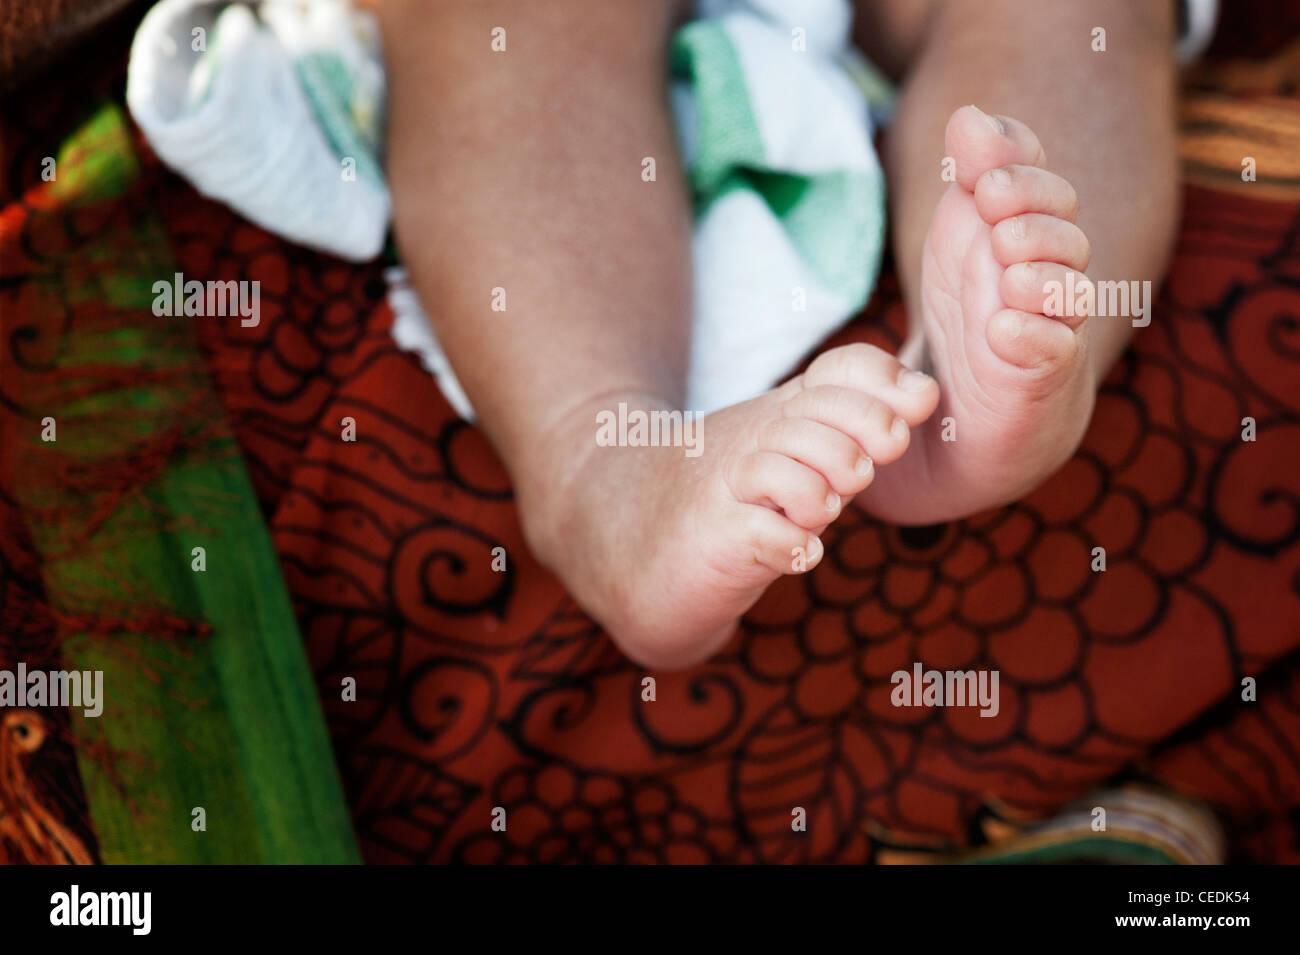 Il nuovo nato bambini indiani a piedi nudi. Andhra Pradesh, India Immagini Stock